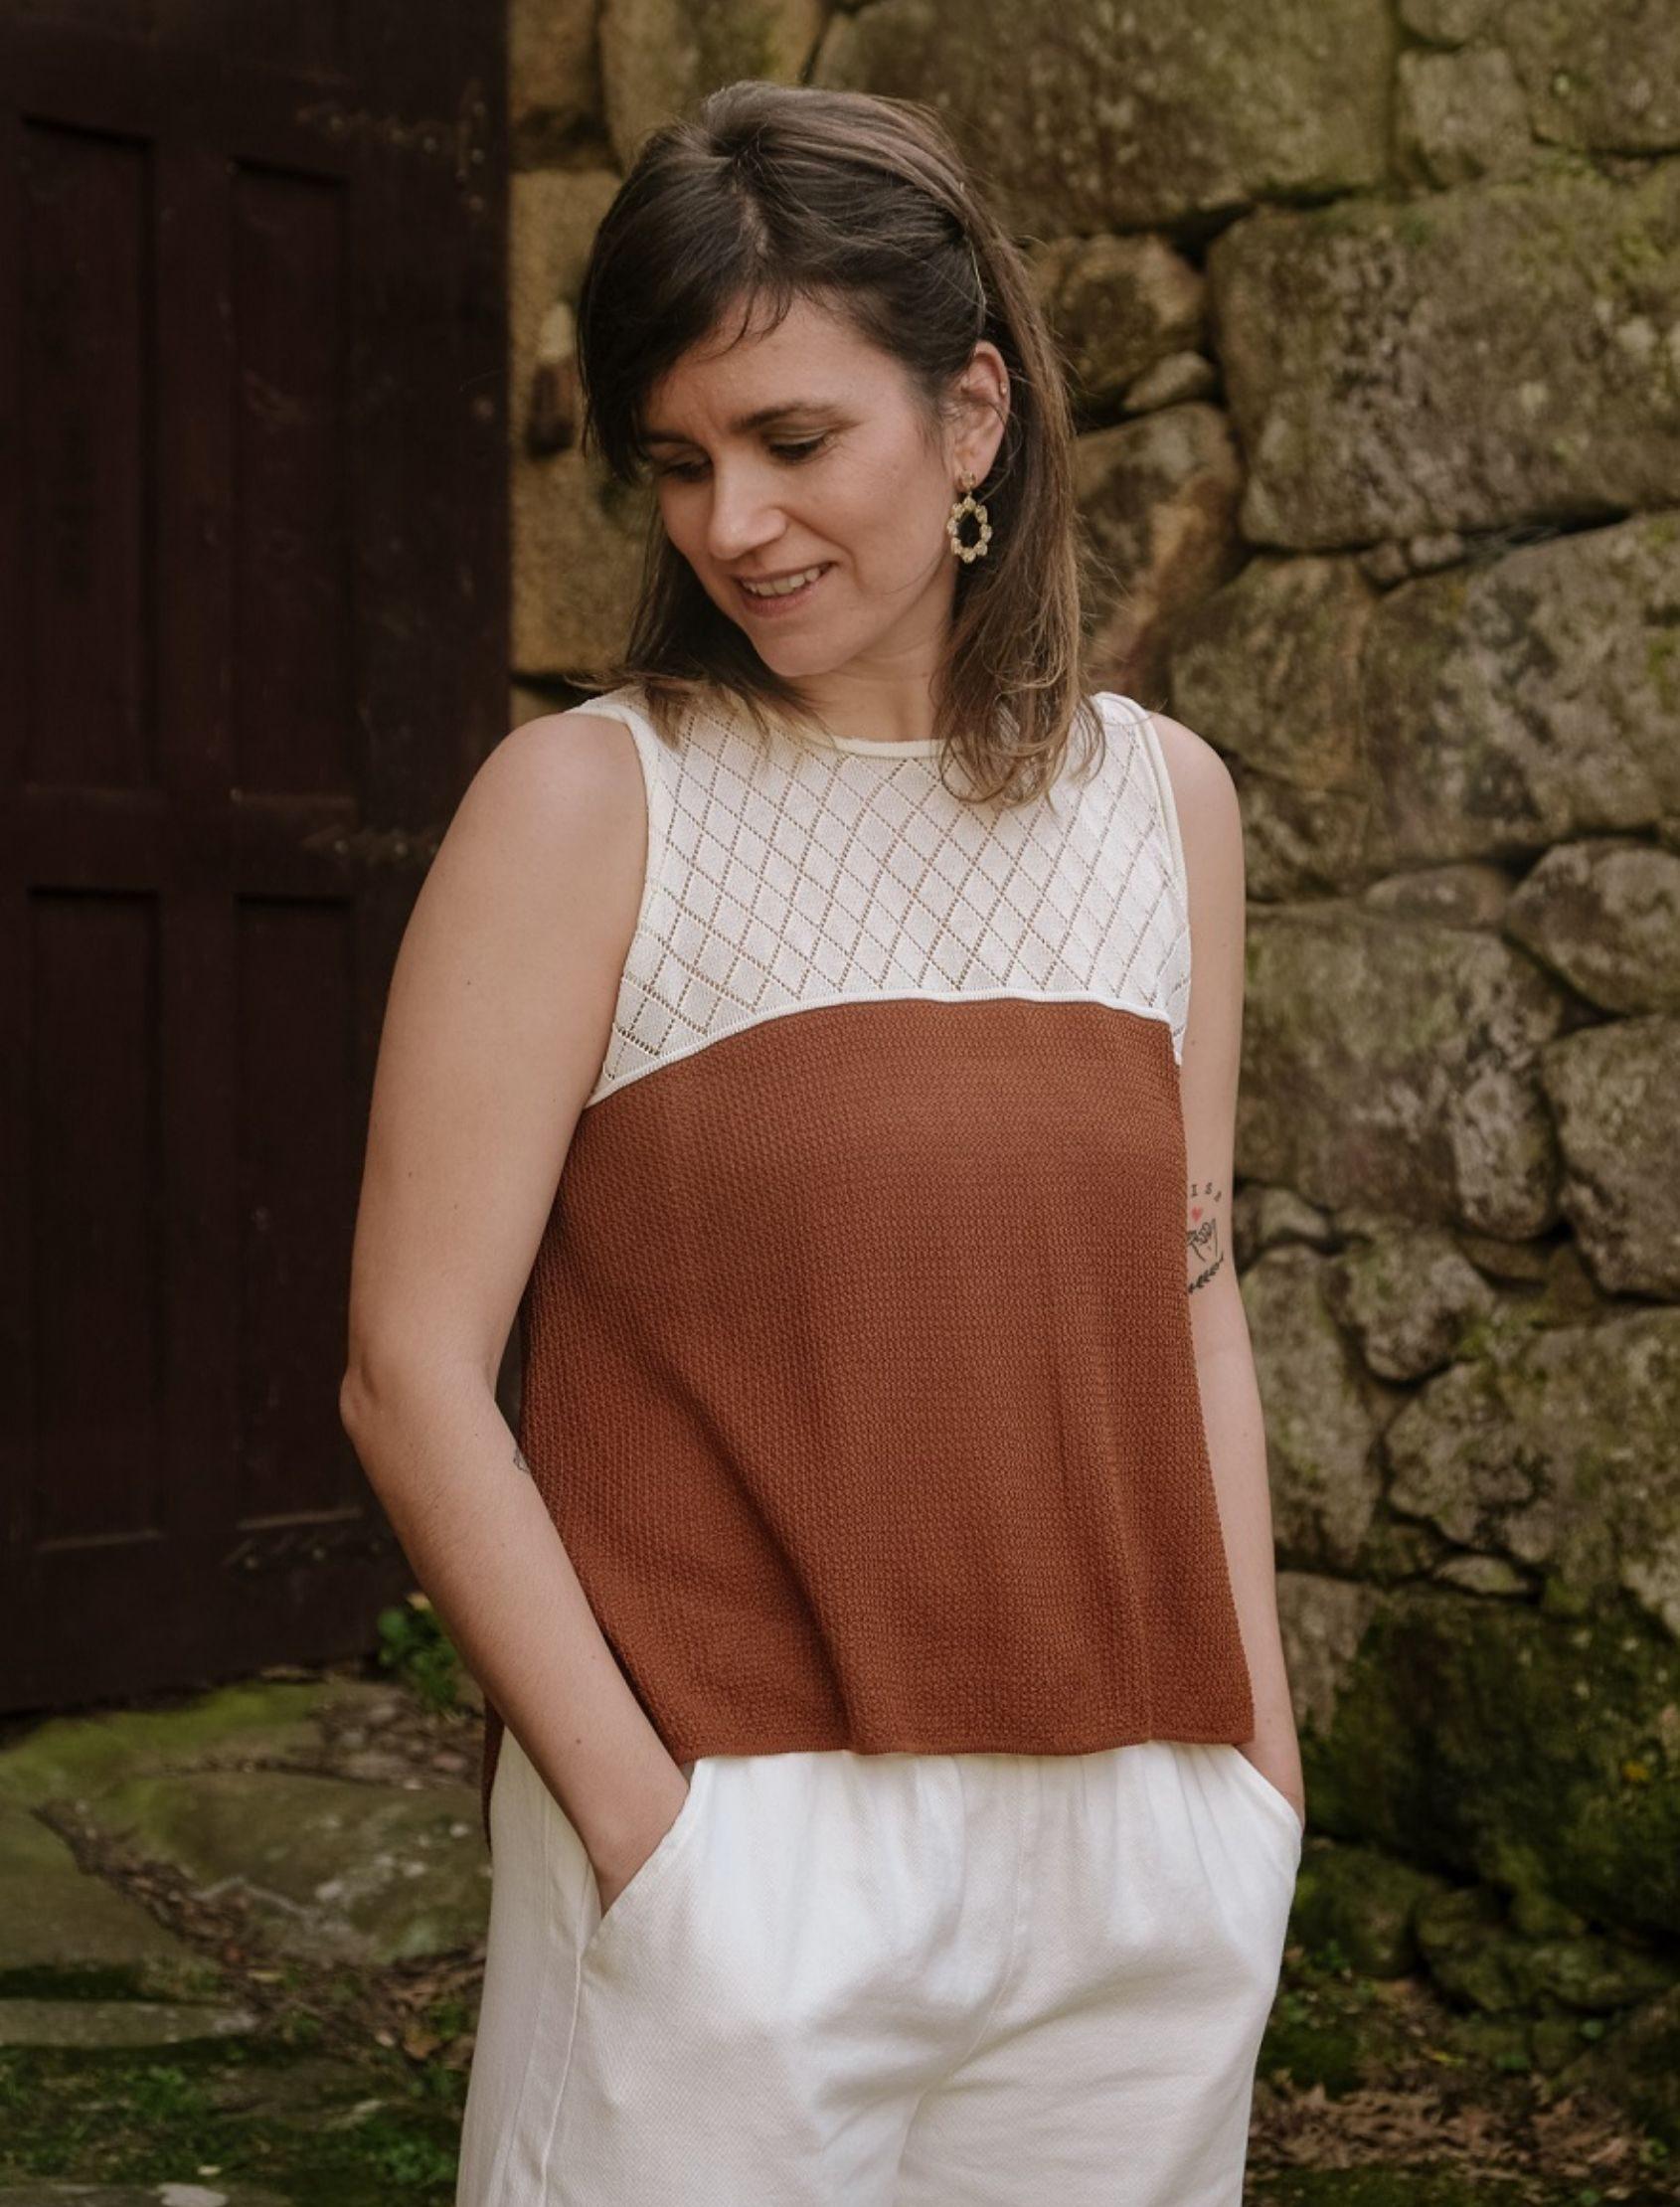 modelo con top de punto bicolor en tono beige y marrón de la marca Skatïe